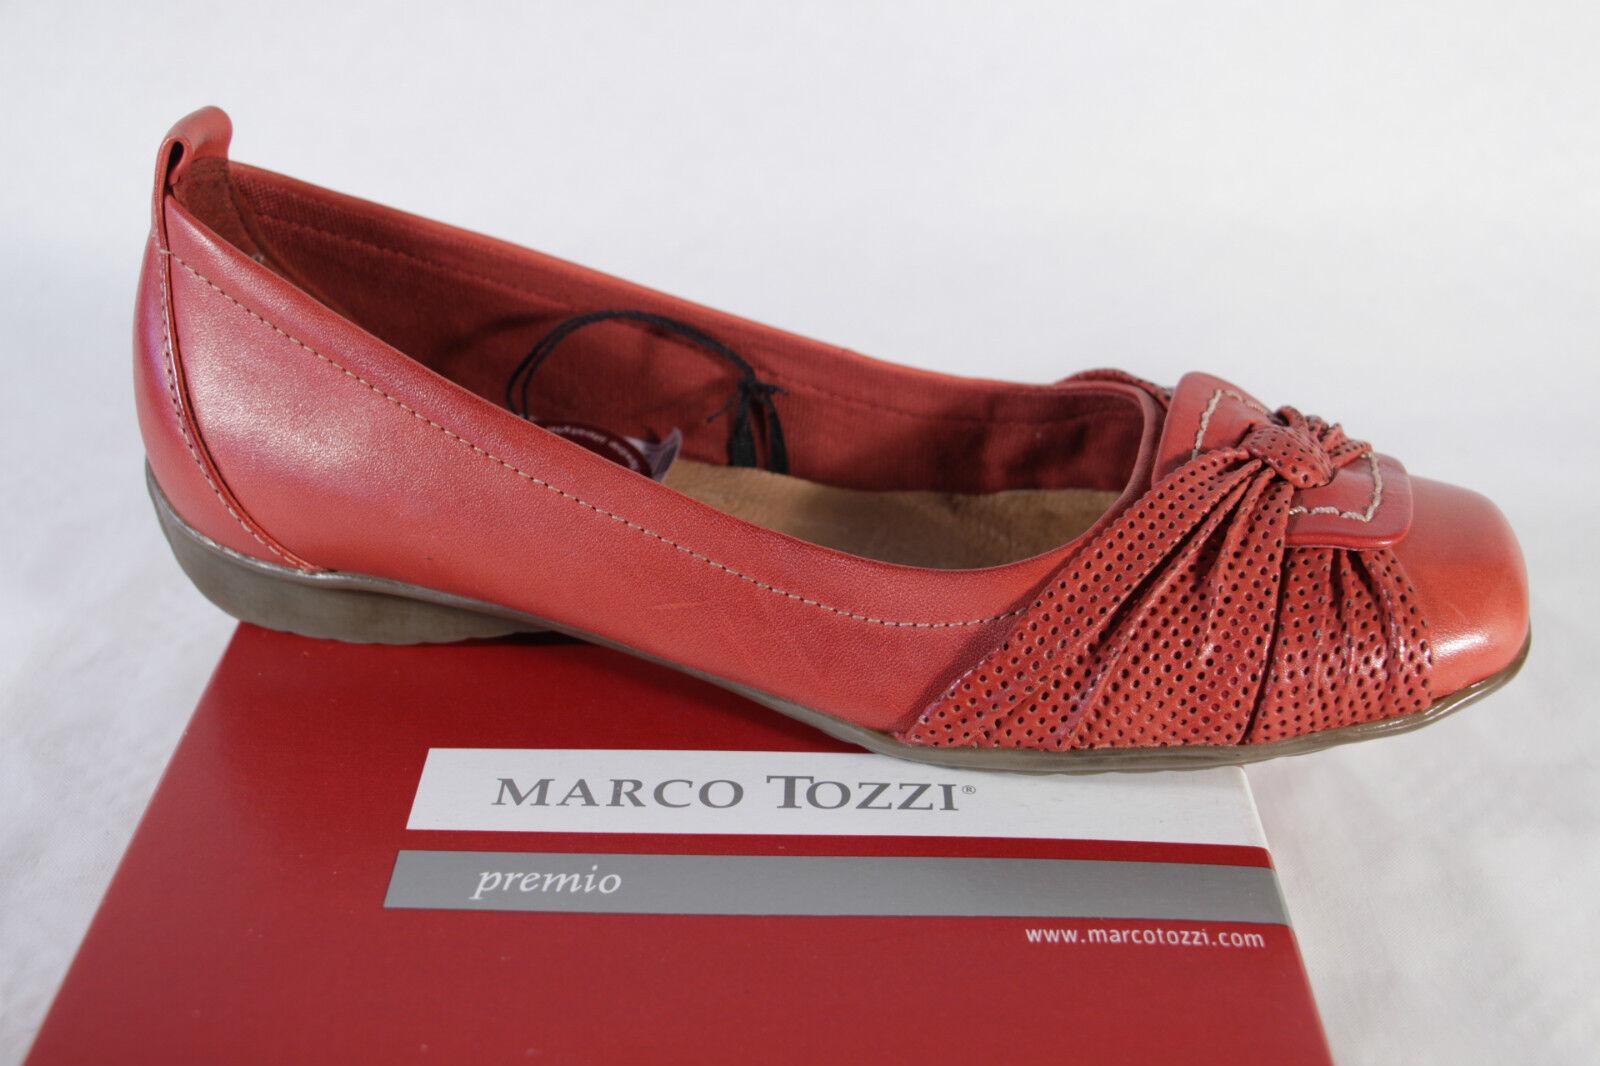 Marco Tozzi Damen Slipper, rot, Gummisohle, weiche Lederinnensohle NEU